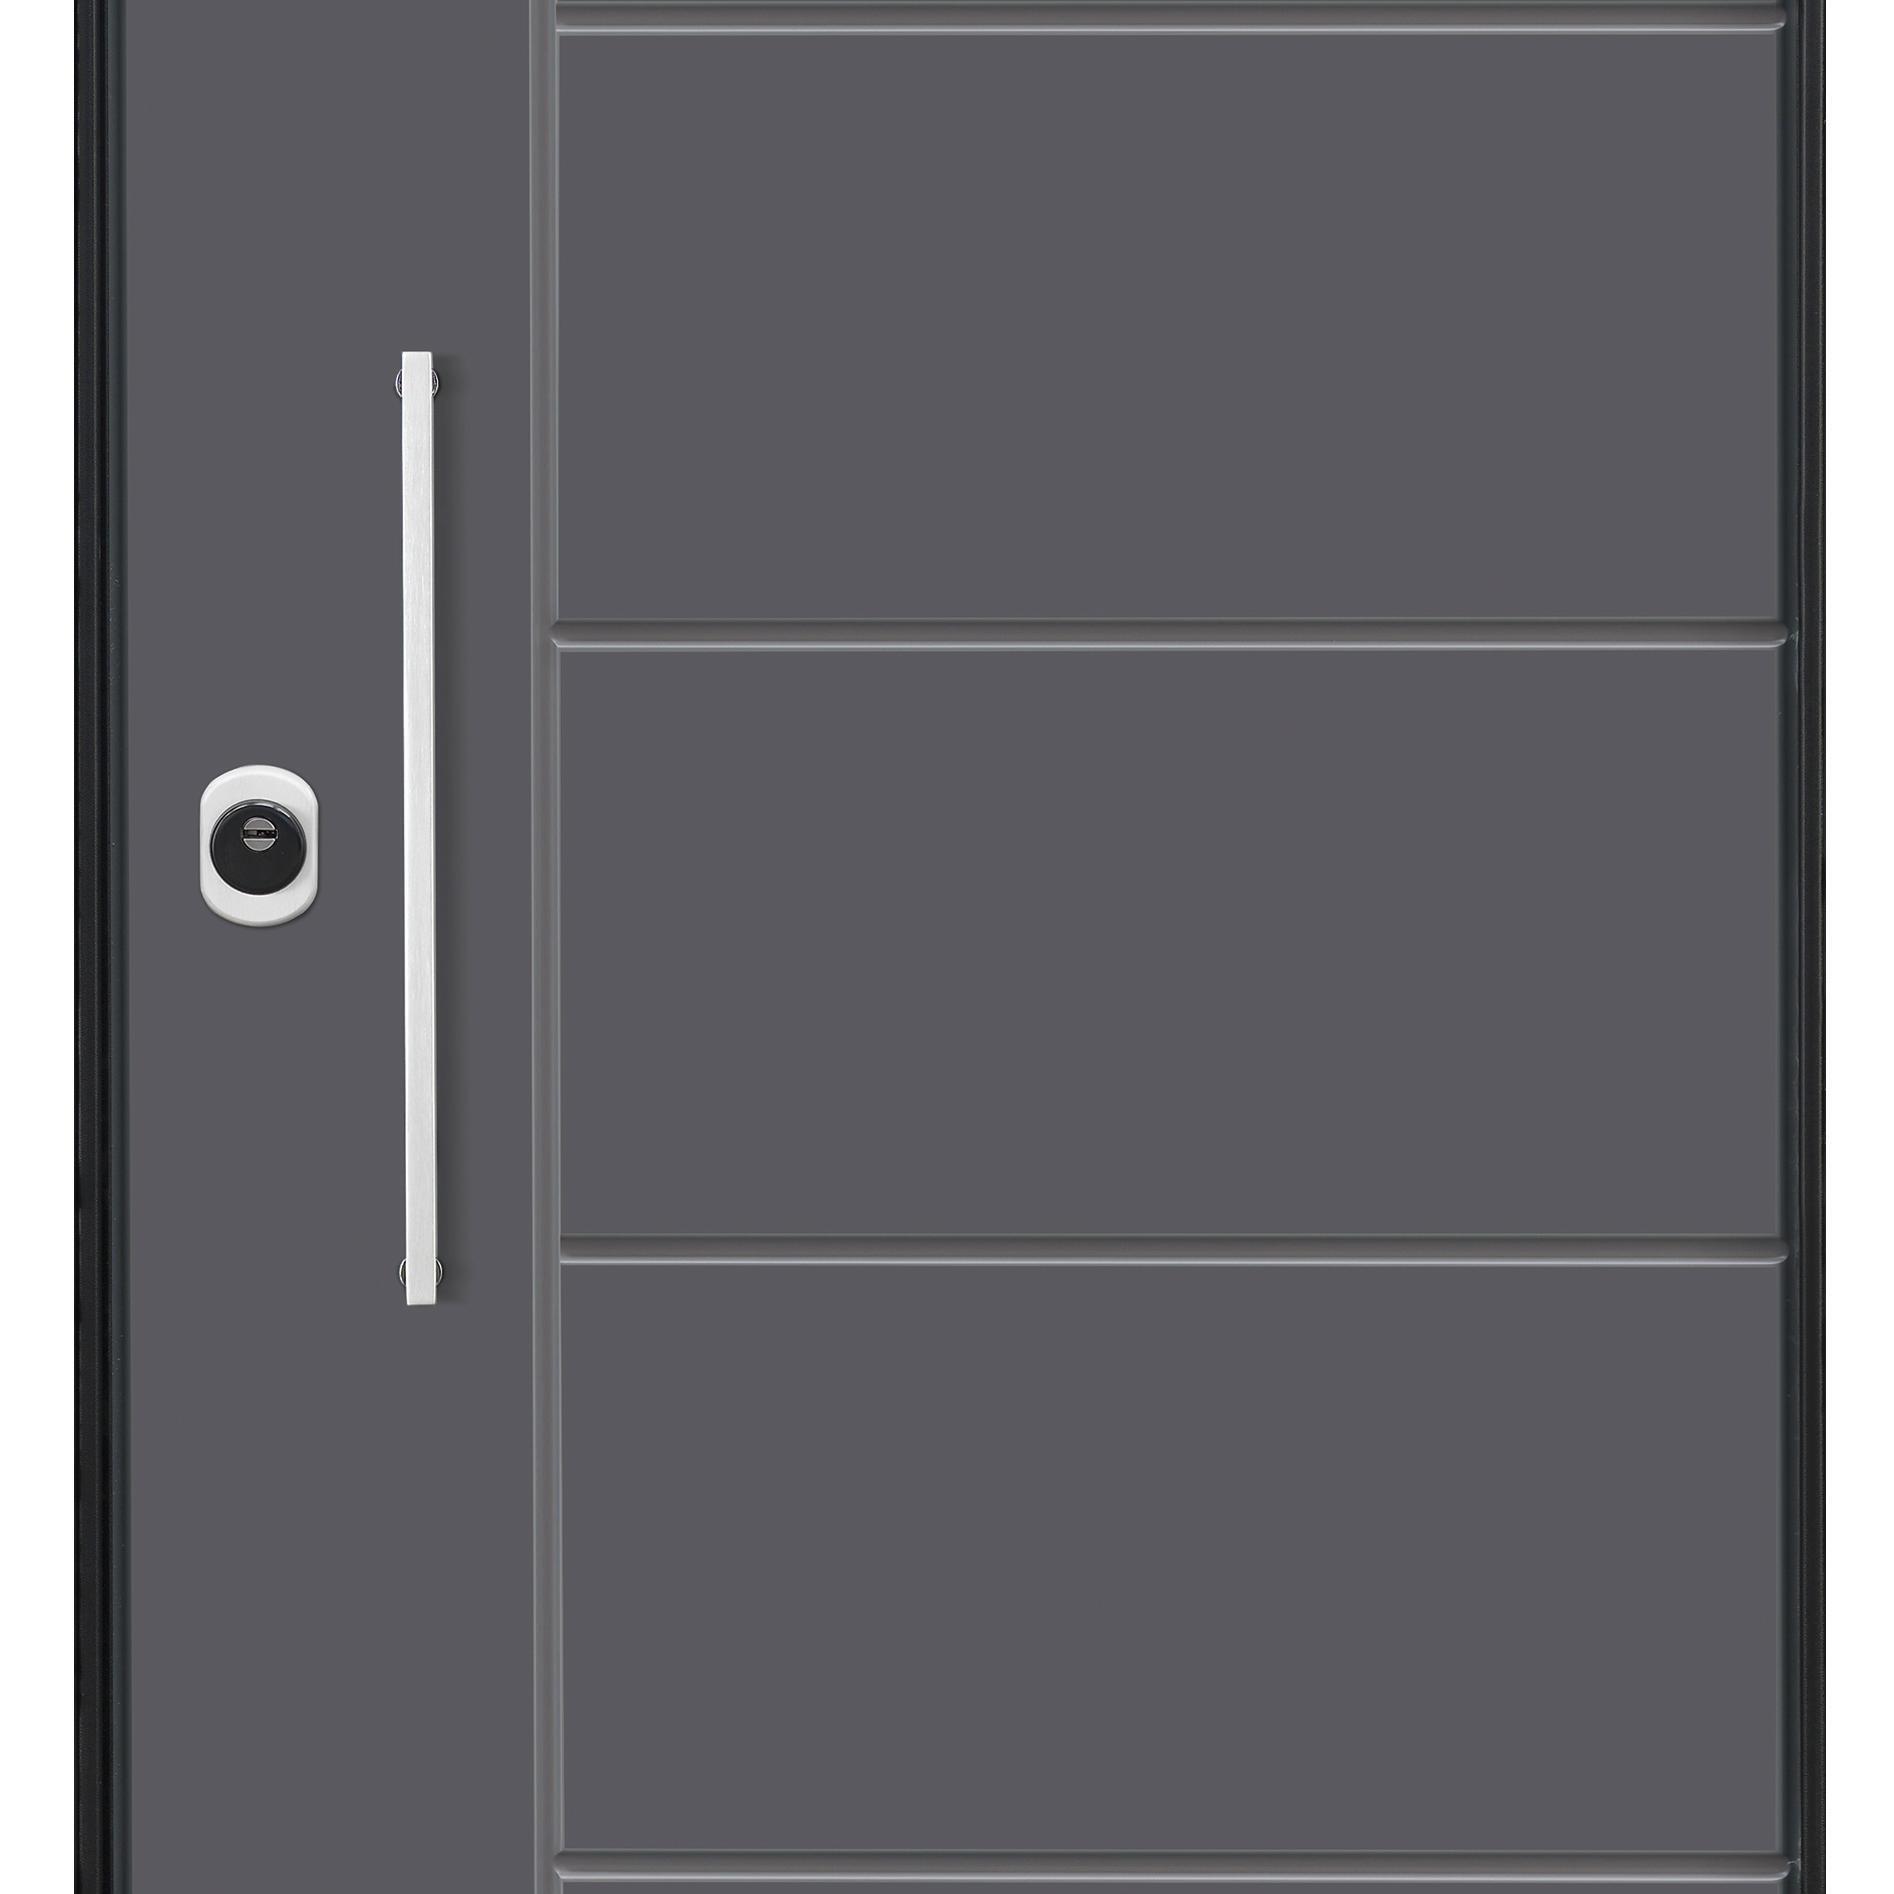 Porta blindata Termika grigio L 90 x H 210 cm destra - 11